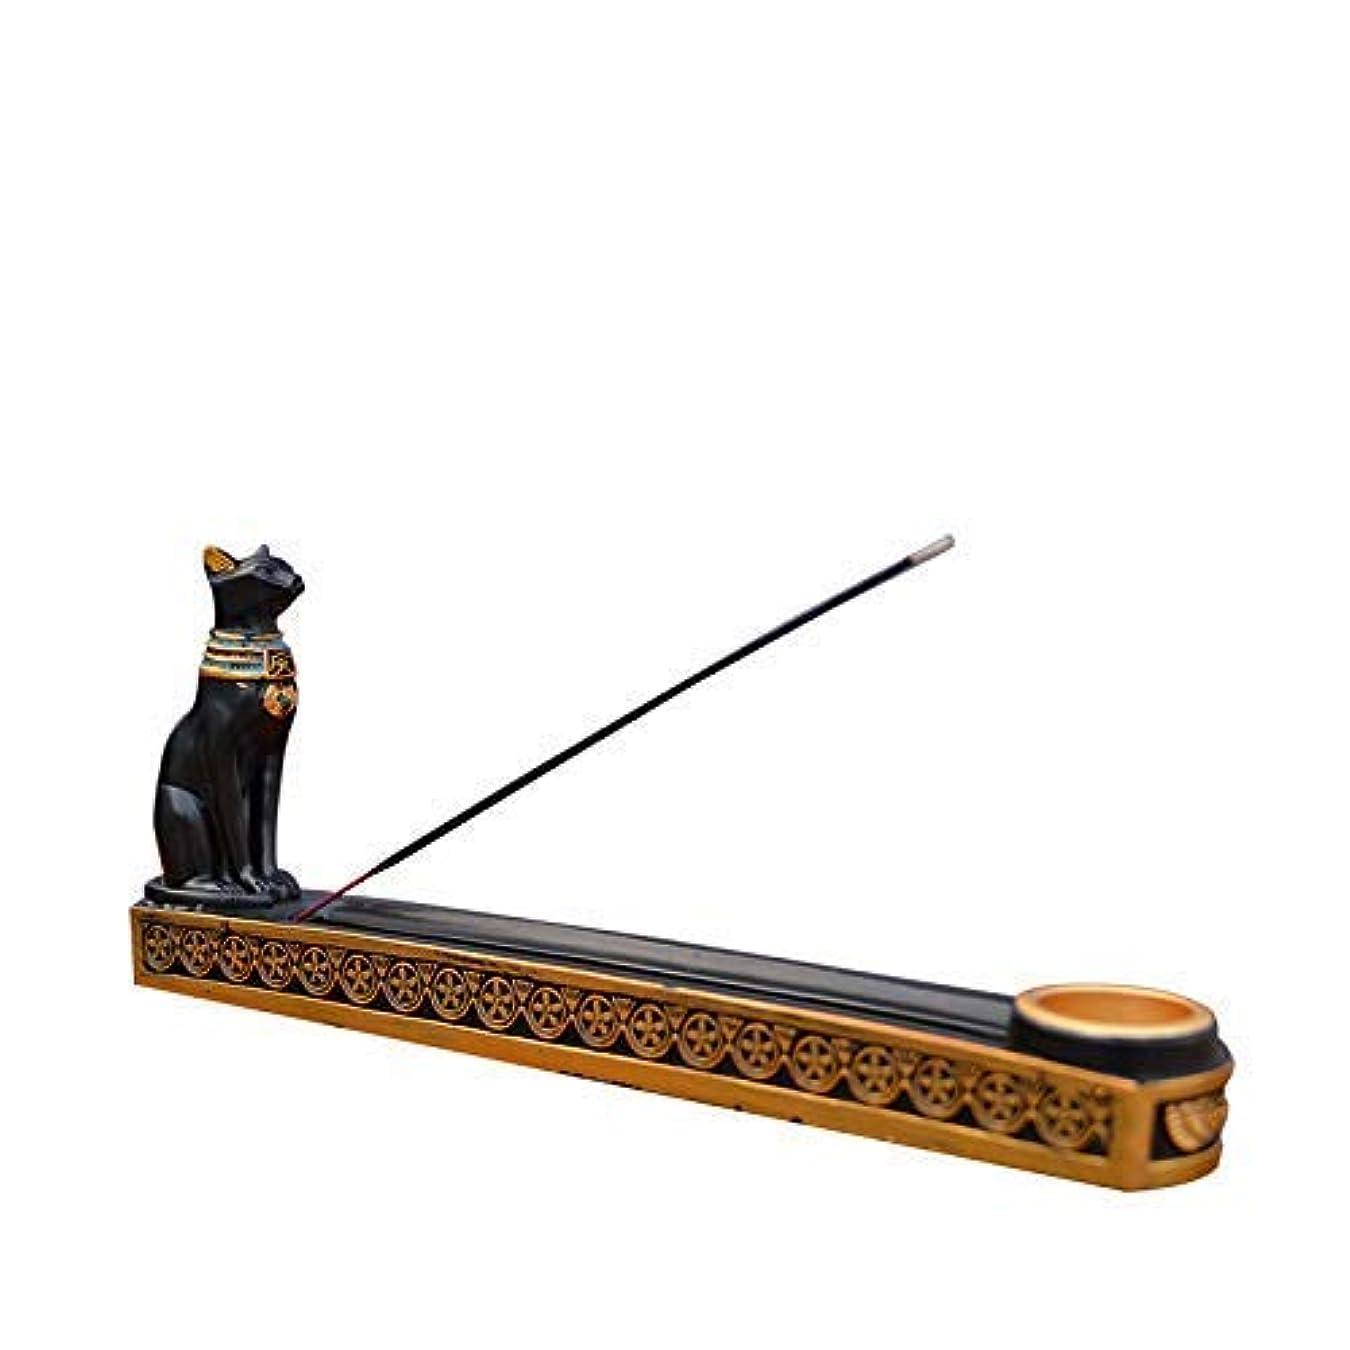 ロードされた第九アルバムtonntyann 横置き お香立て ボックス 猫 寝かせ スティックおしゃれ 線香立て お香 古代エジプト風 バステト神 アロマ お香 横置き ヒエログリフ ネ